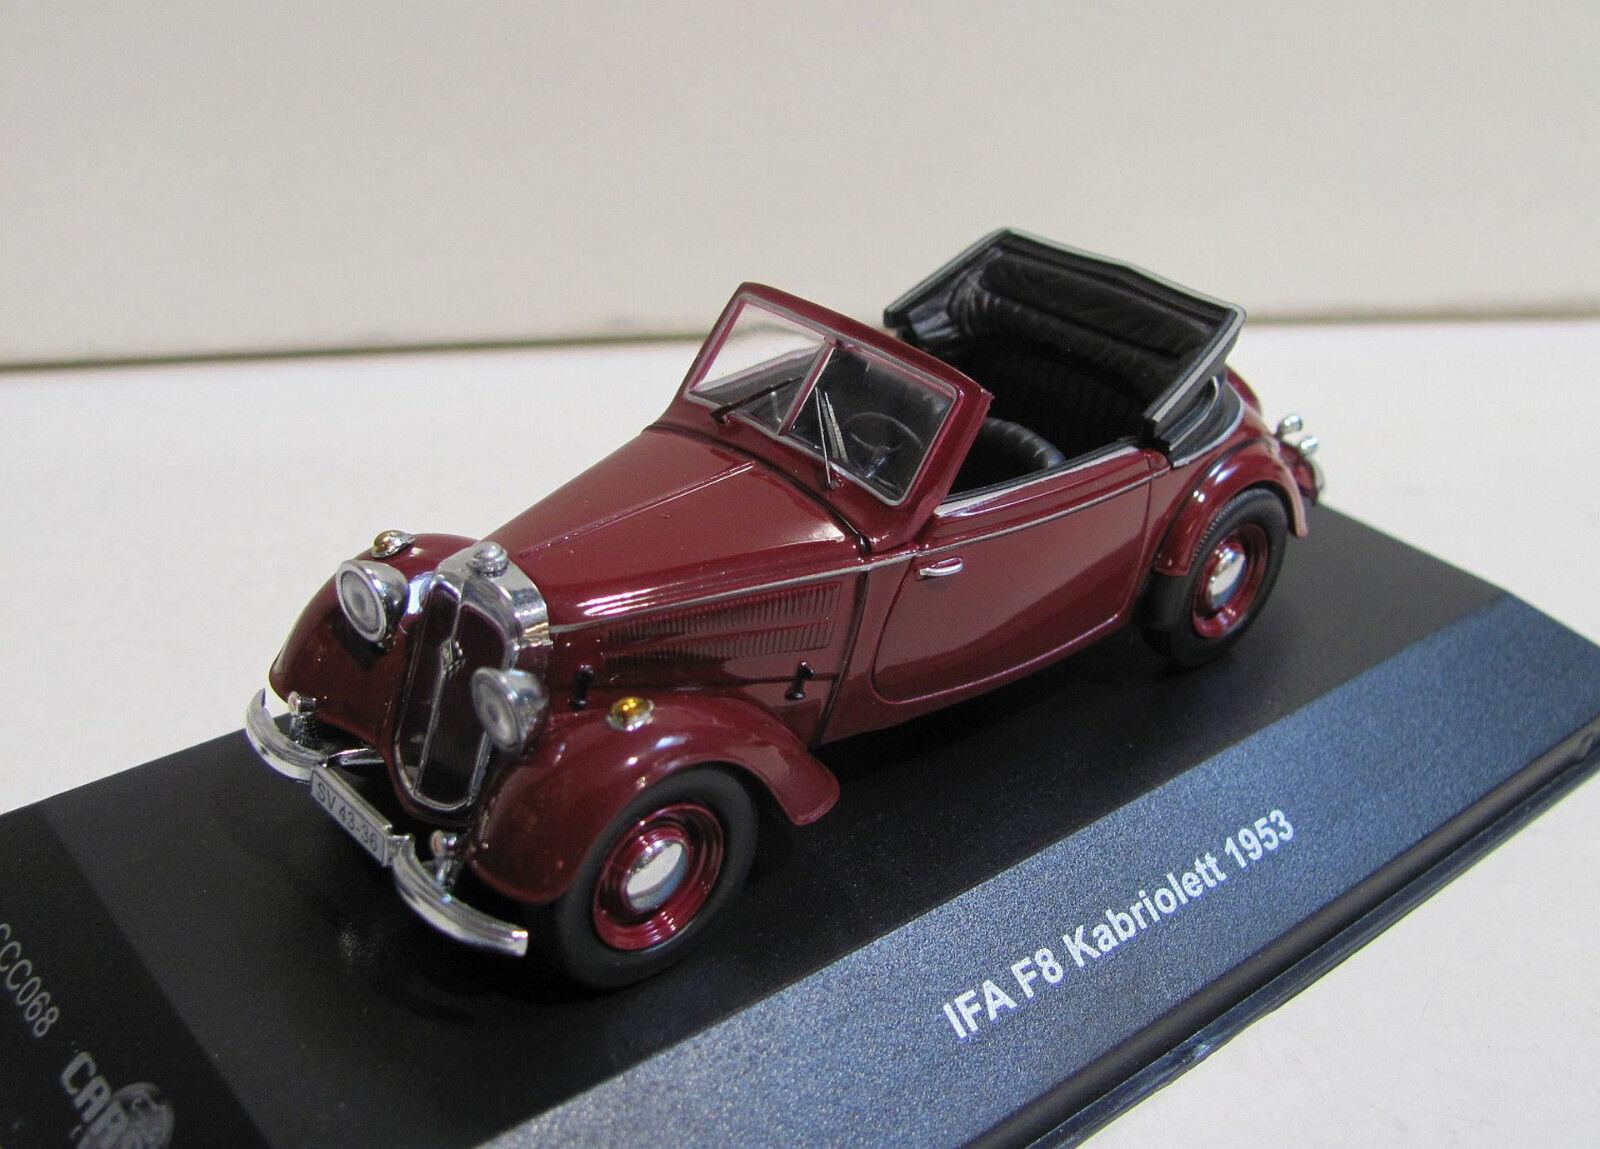 Est IFA f8 cabriolet dans Bordeaux de 1953 échelle 1 43 article neuf avec emballage d'origine-ccc068